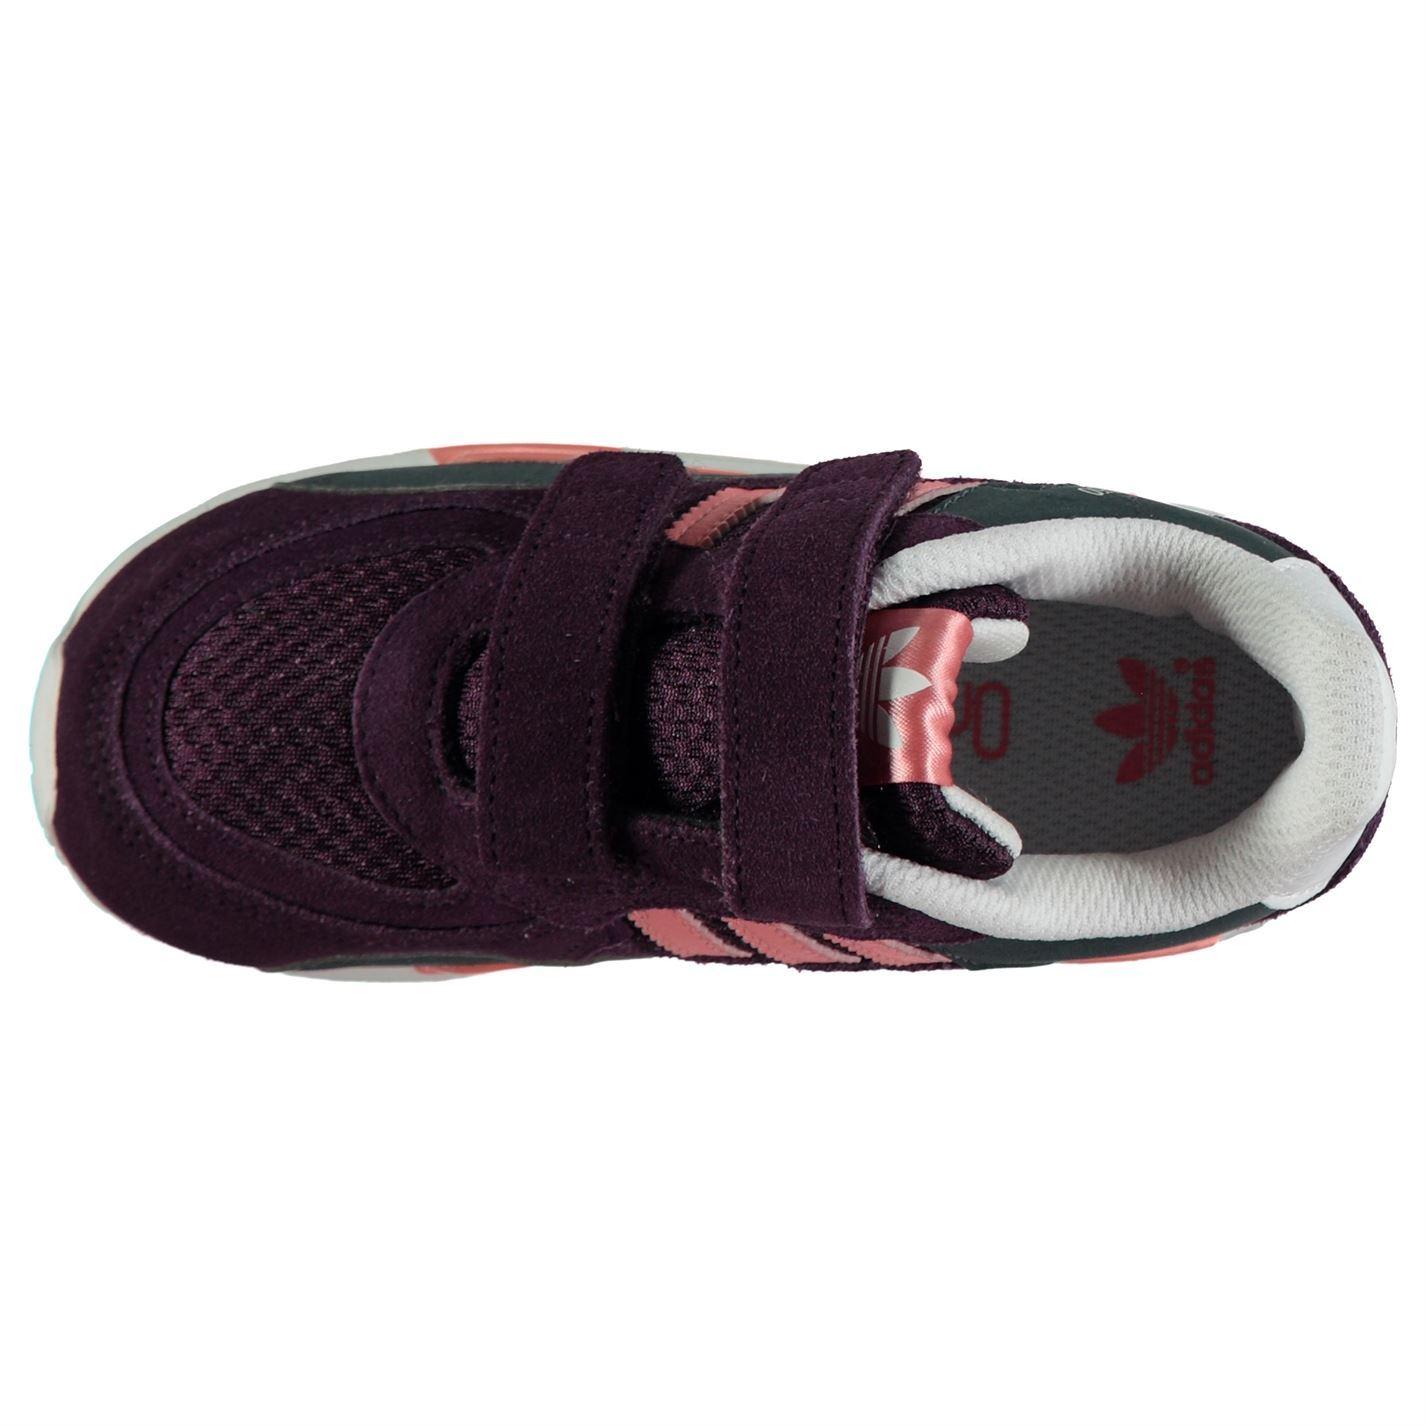 Détails sur Adidas Zx 850 Cf Baskets Filles Violet Pêche Chaussures Chaussures